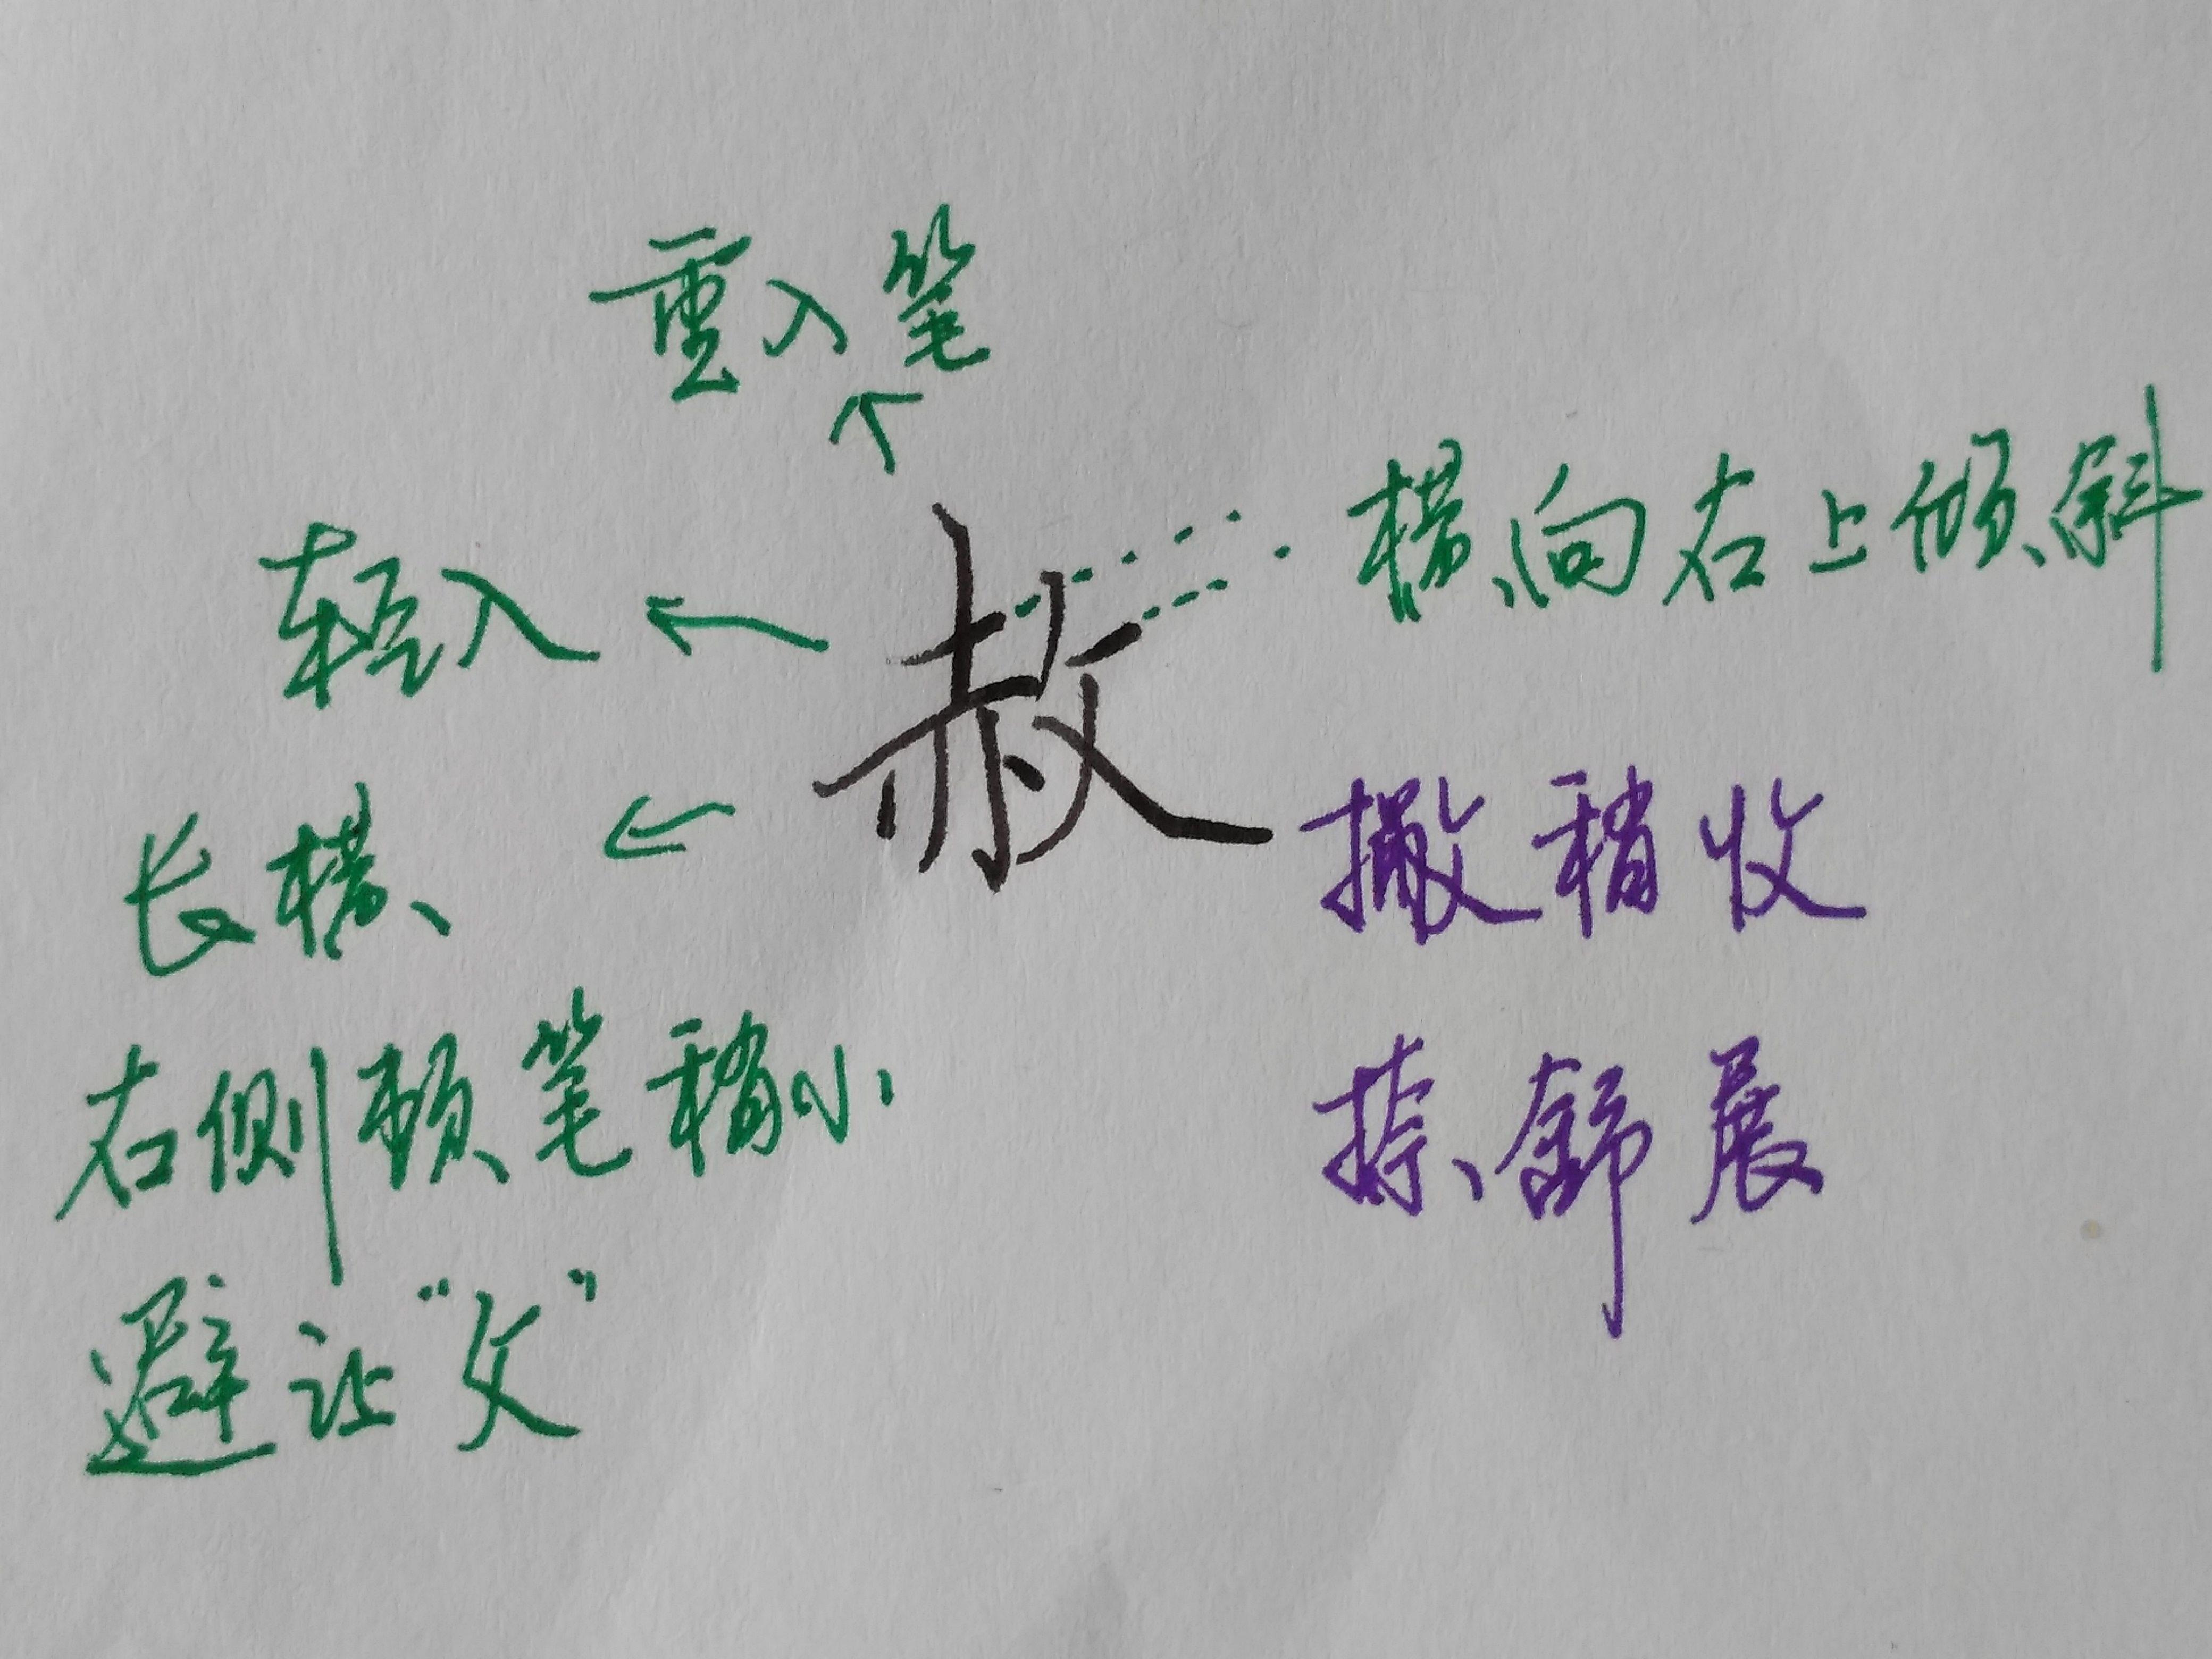 钢笔字写不好看?不妨试试碎片化时间练字,每天